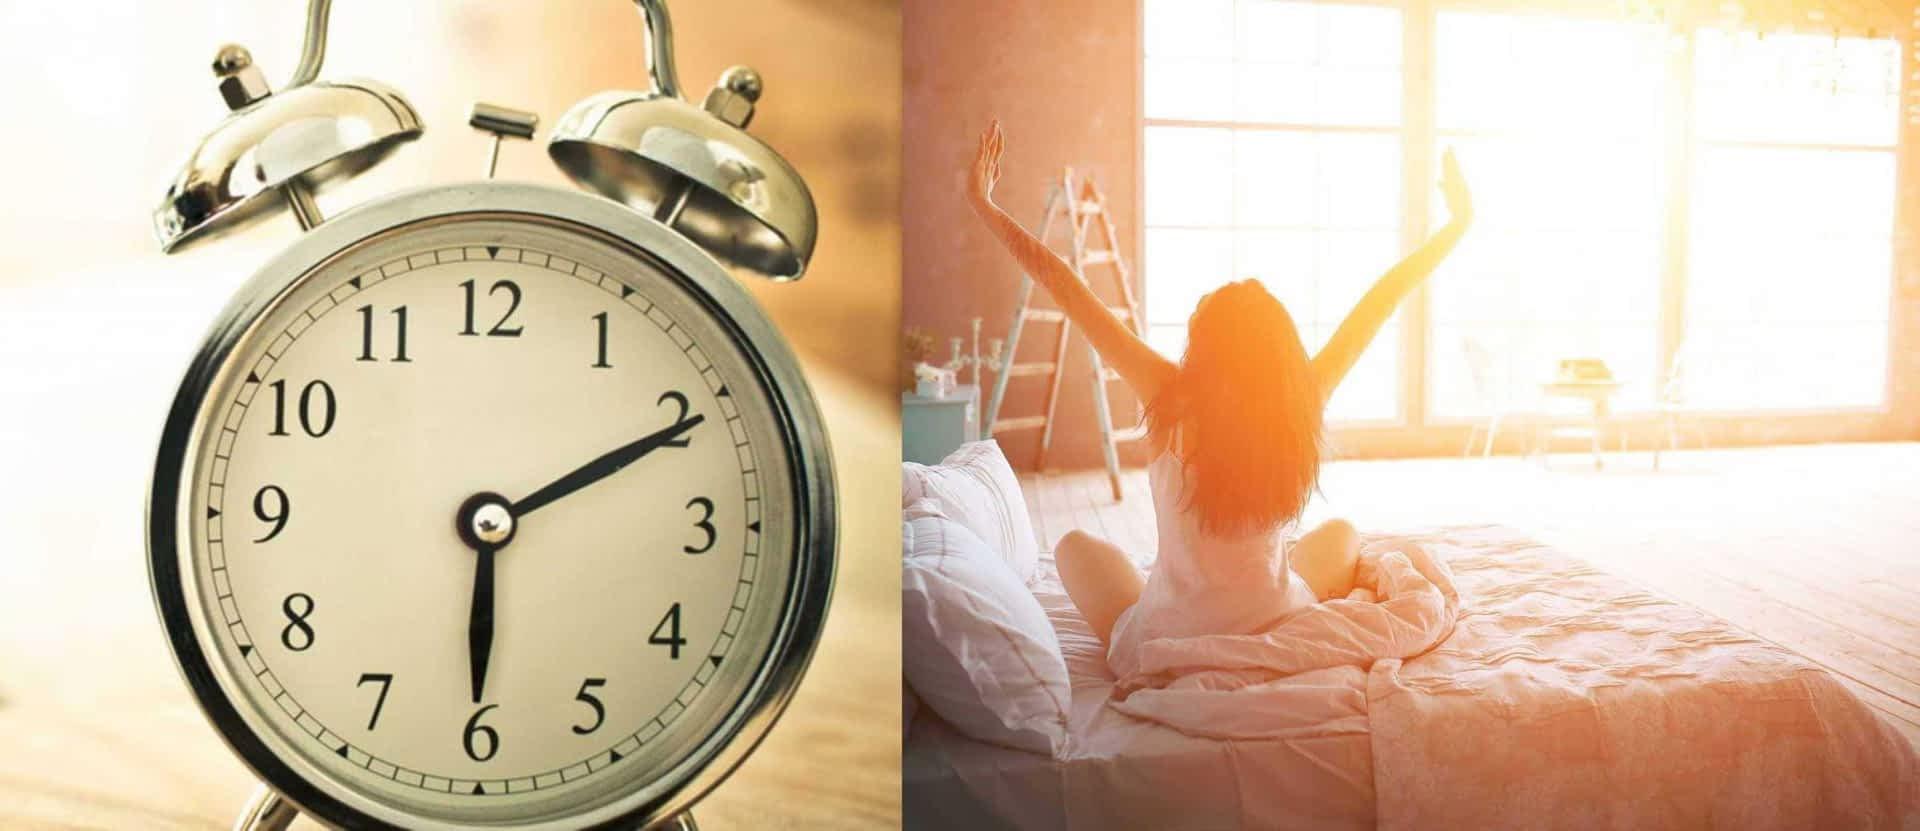 Как научиться рано вставать по утрам и высыпаться: несколько простых правил   хочу все знать – полезные и интересные статьи